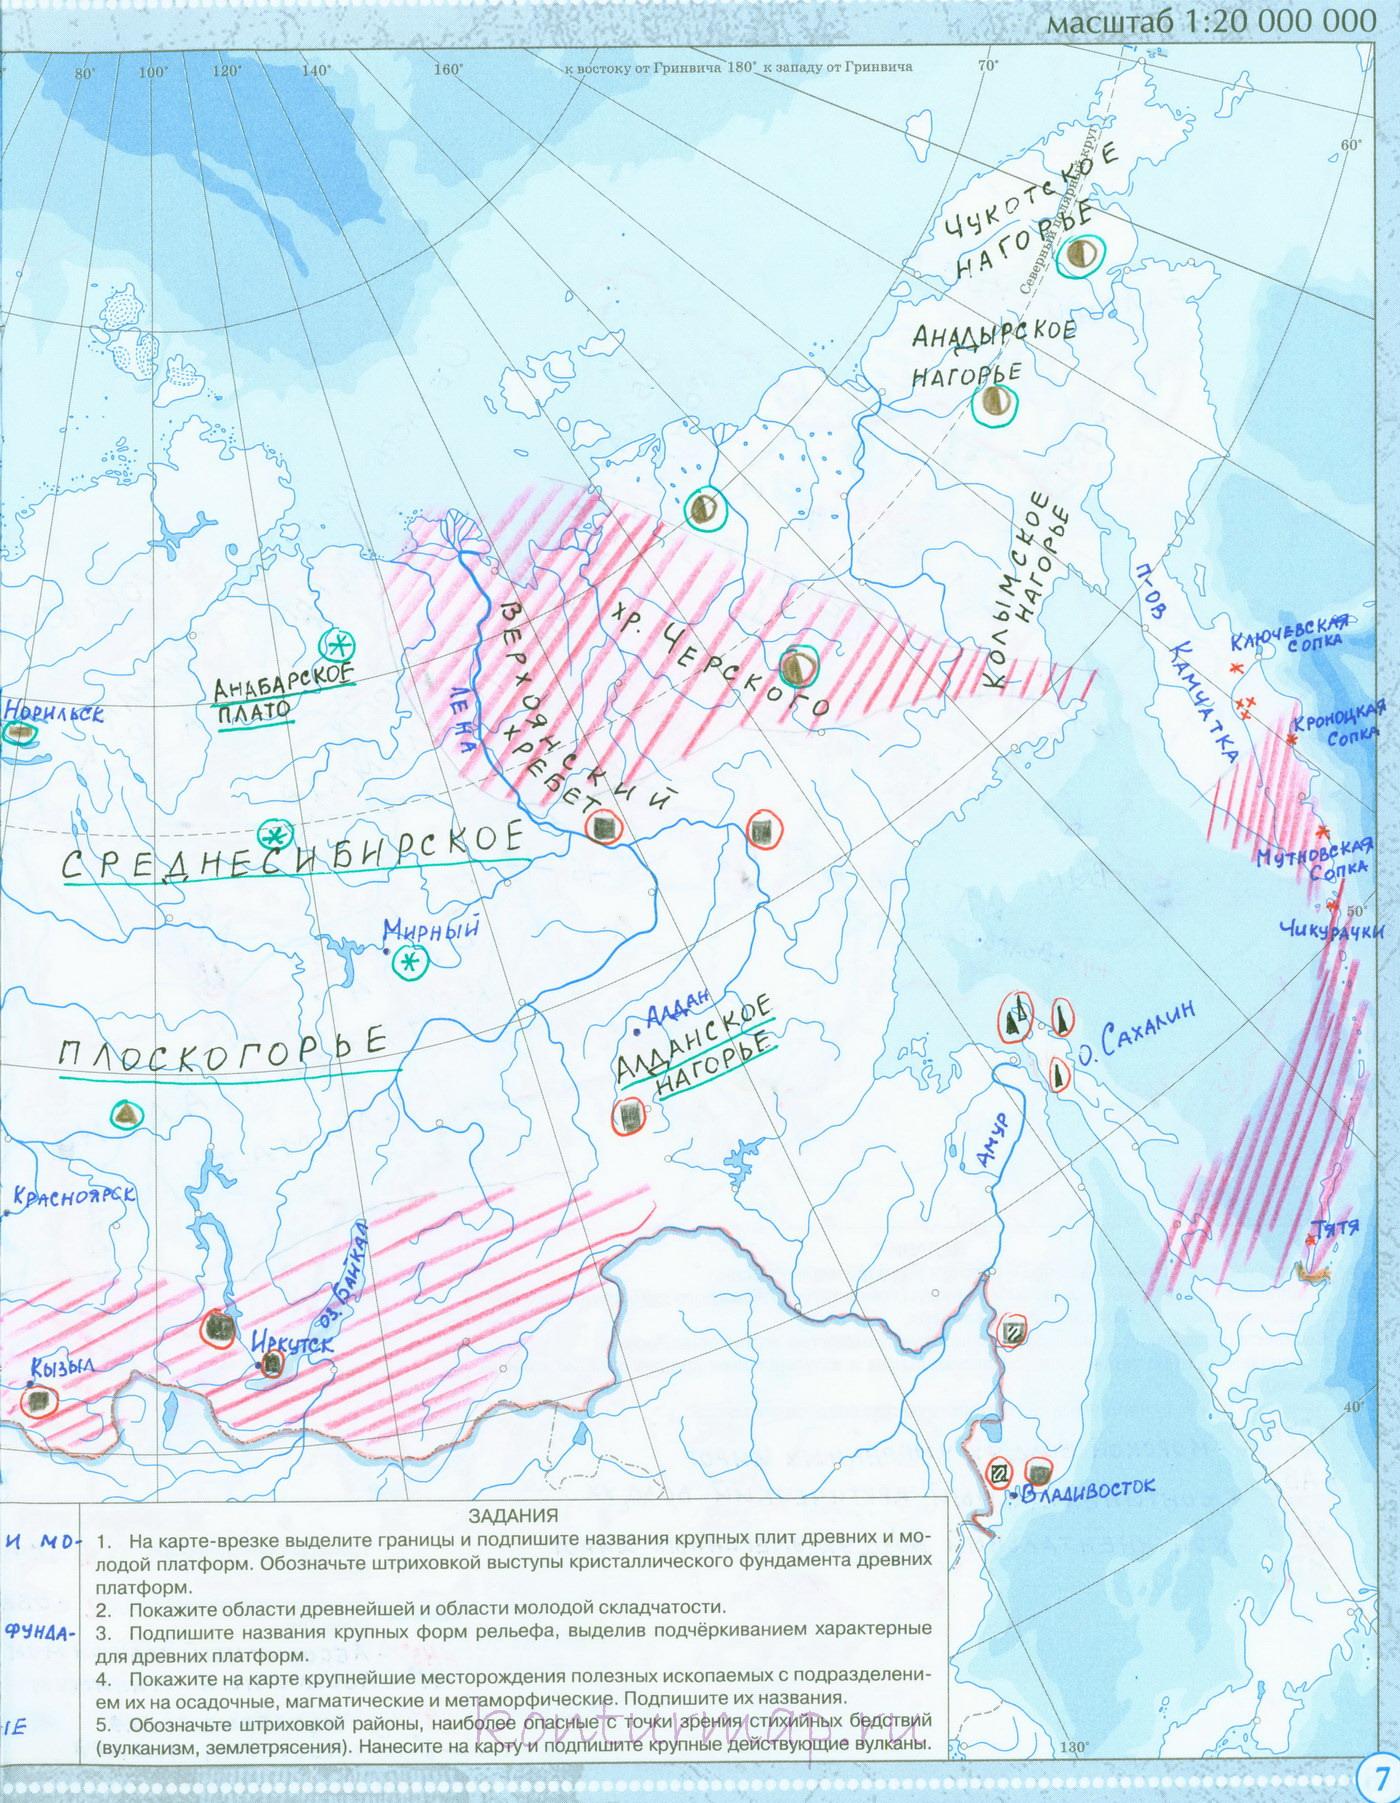 Обозначьте границы и подпишите на контурной карте 8 класса названия древних платформ